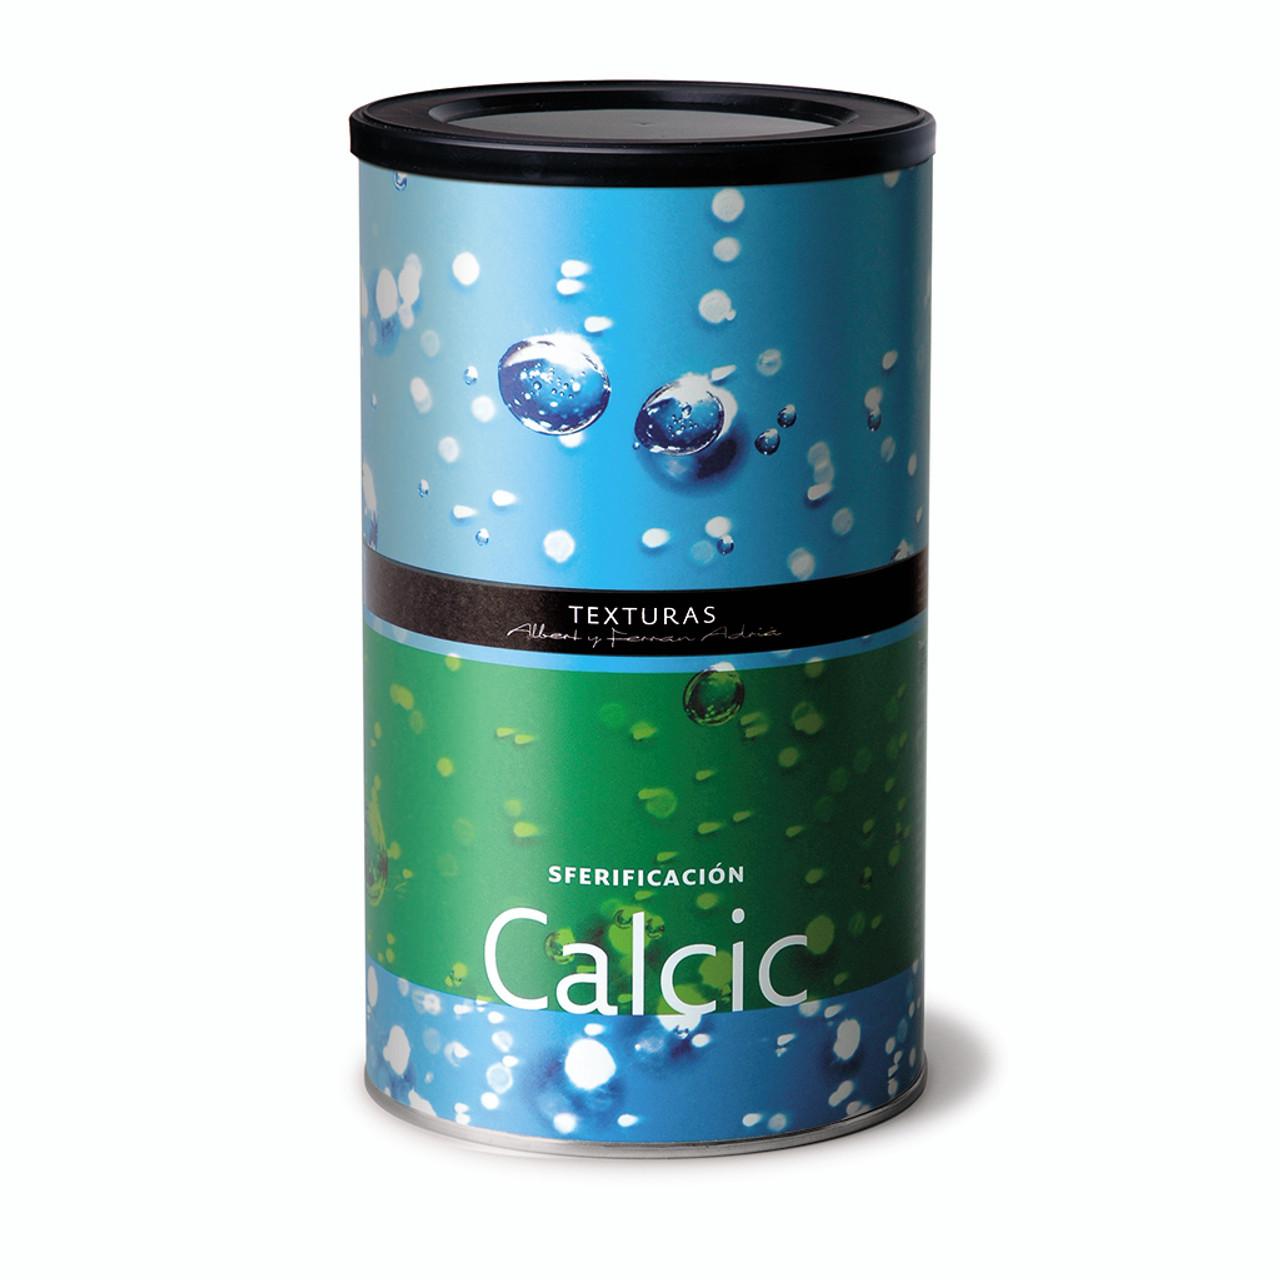 Texturas Calcic, Calcium Chloride 600g